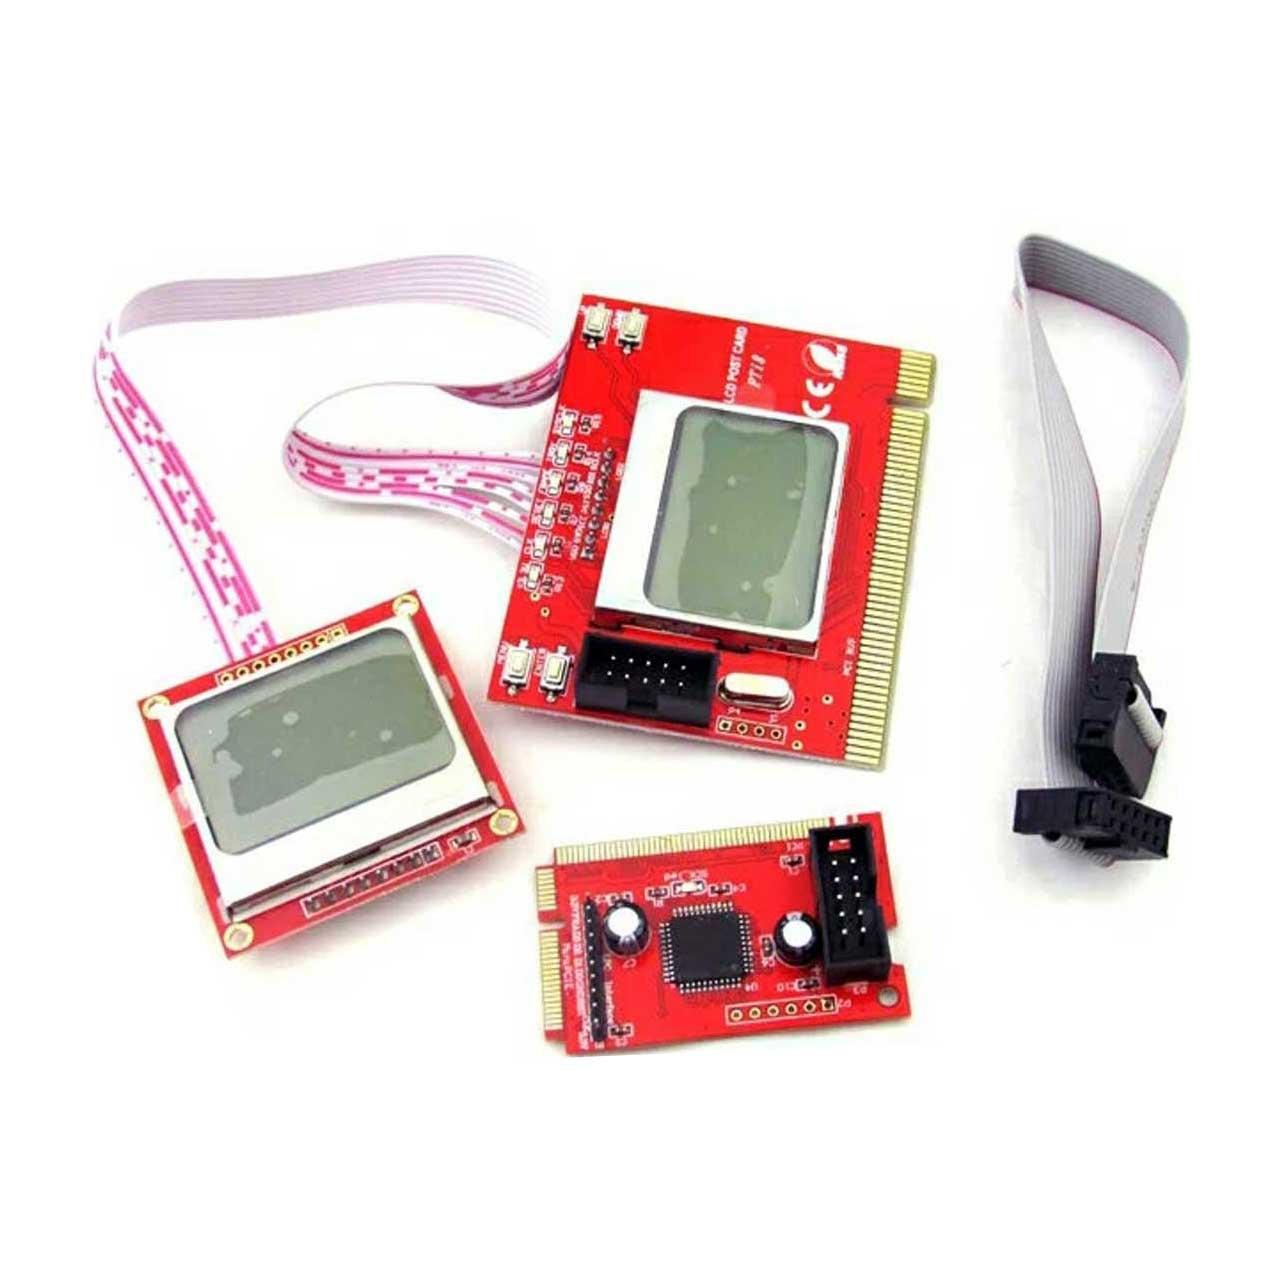 دیباگر لپ تاپ و PC با نمایشگر LCD